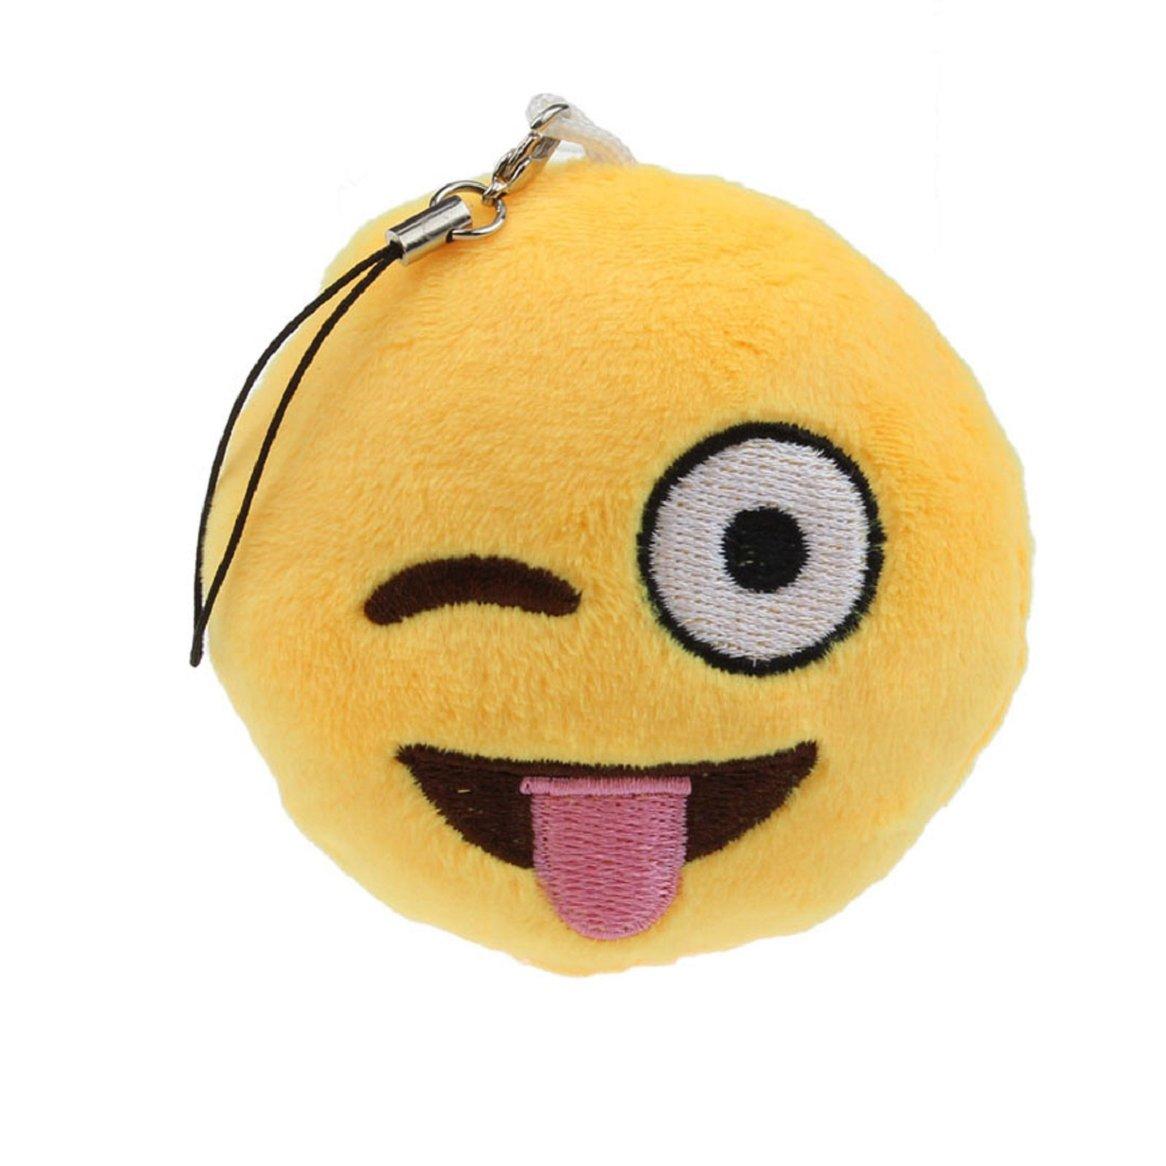 Chianrliu® Emoji Lindo Emoticono Sonriente Llavero De Juguete Suave Bolsa De Regalo Colgante Accesorio (Travieso)